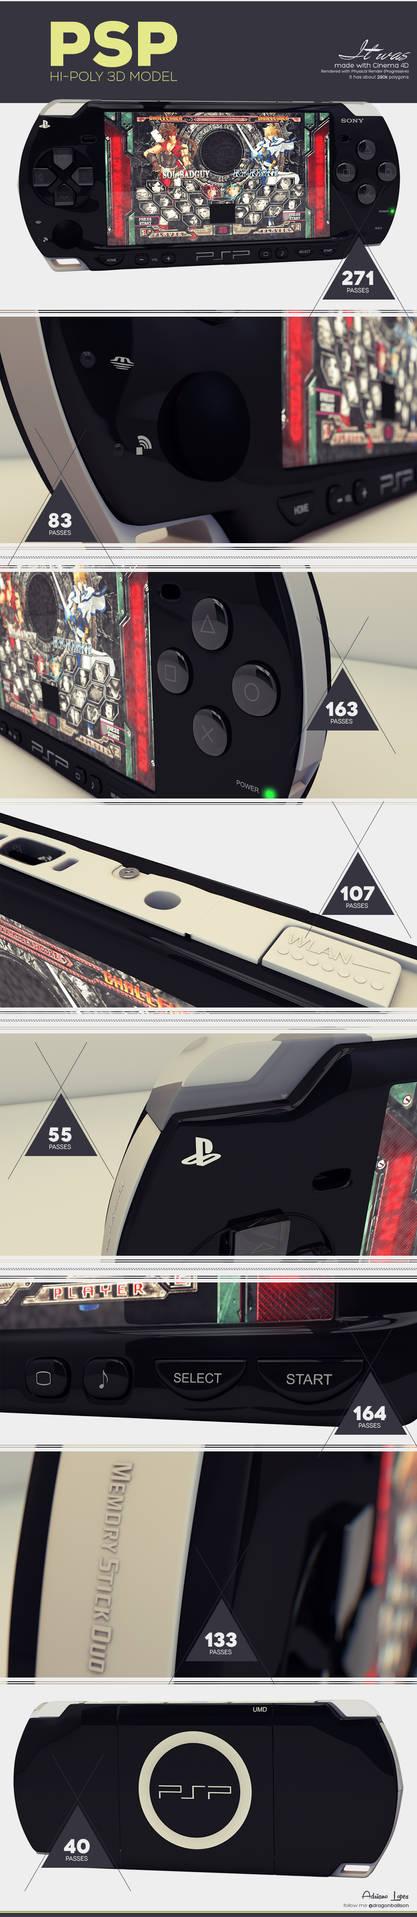 PSP 3D model by dragonballson